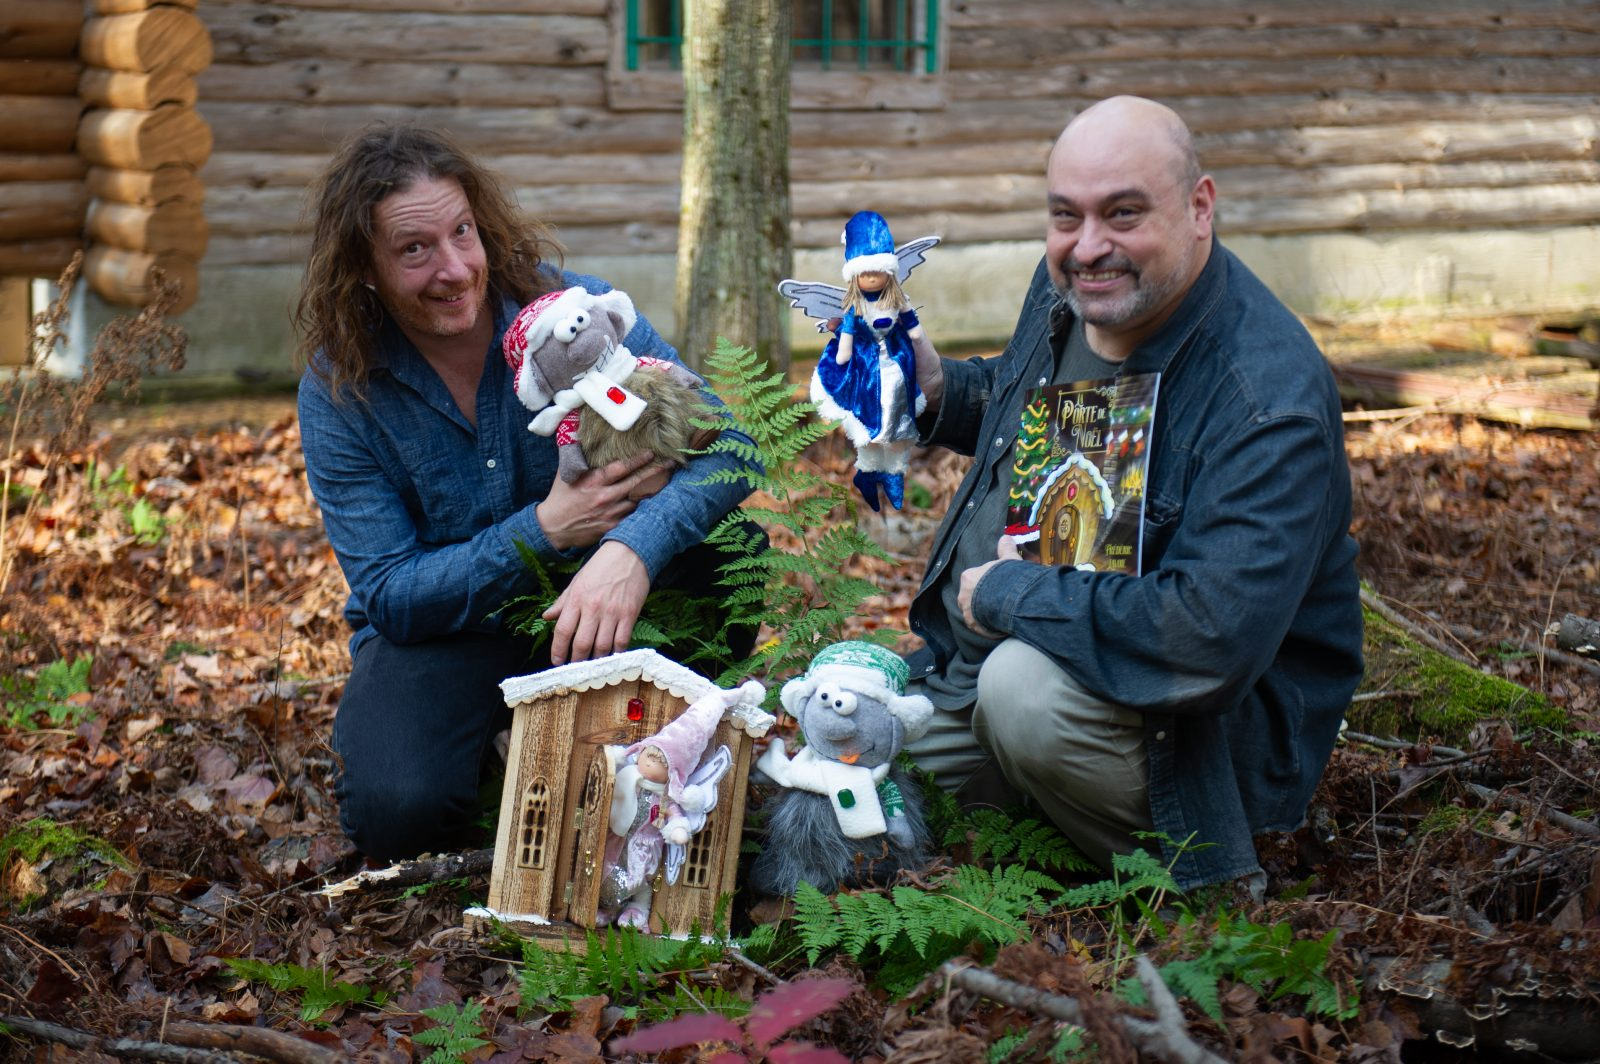 La Porte de Noël : un conte imaginaire réinventé